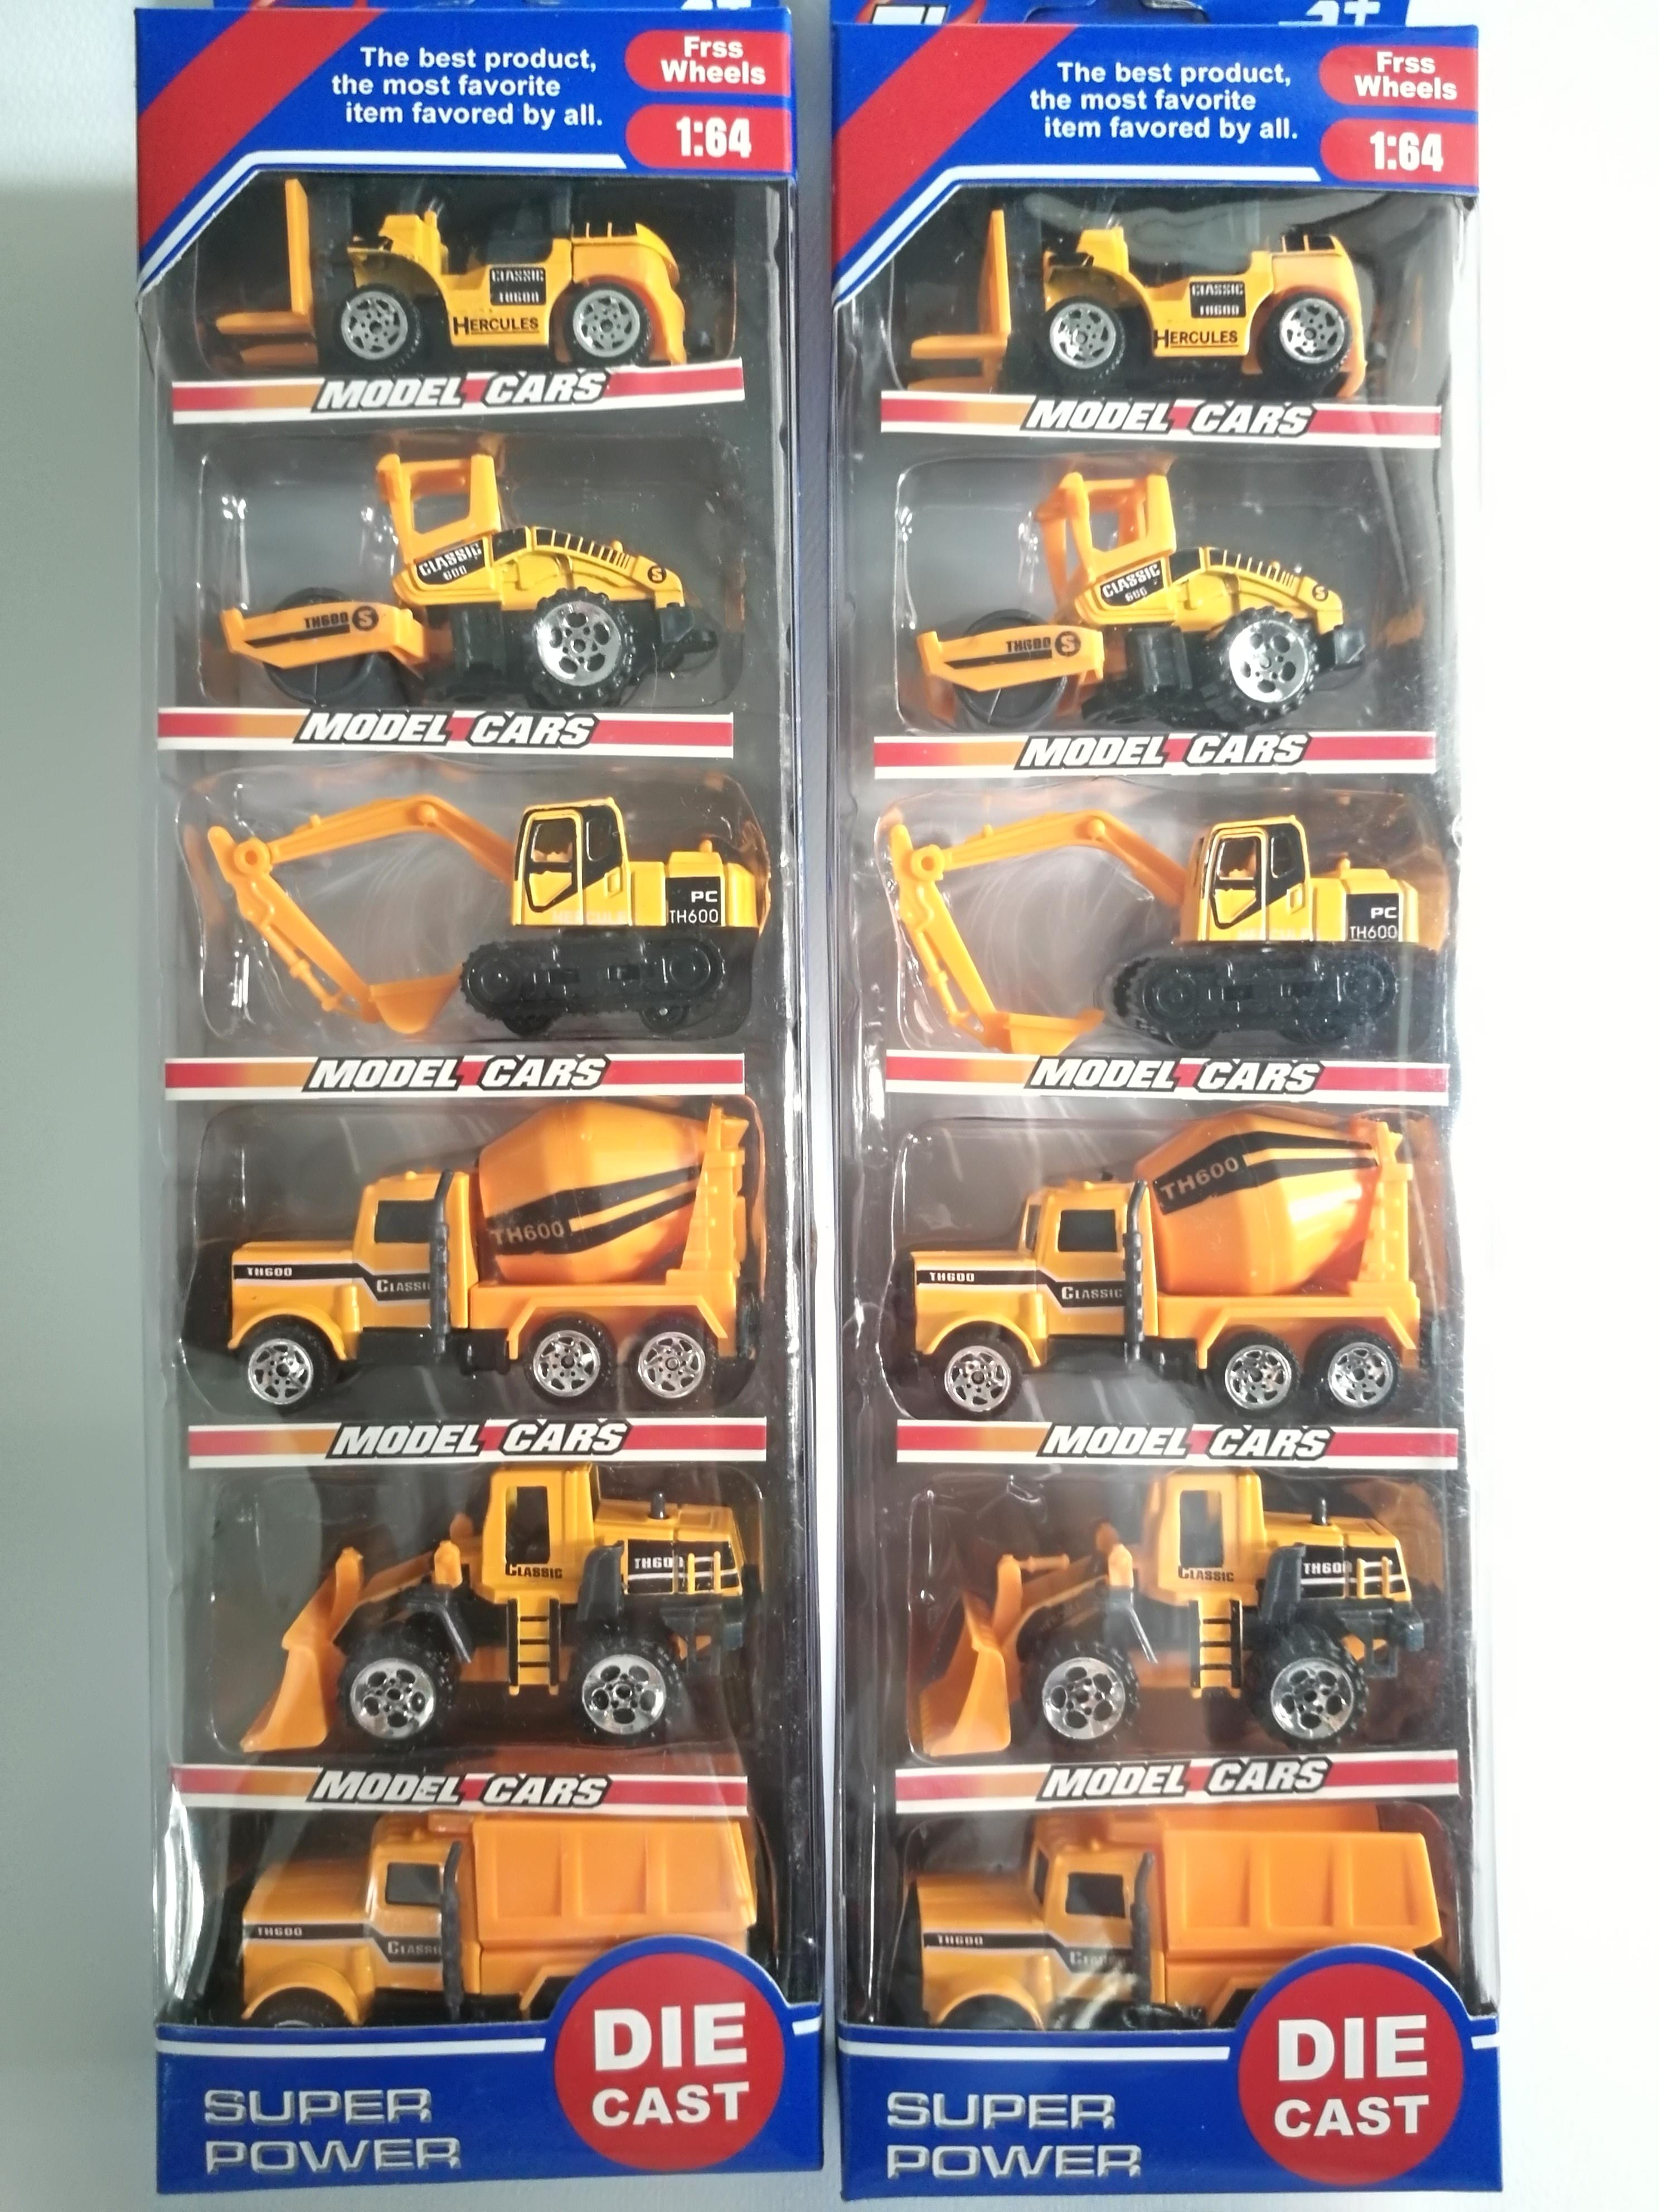 รถโมเดลจิ๋วตระกูลรถอุตสาหกรรมต่าง ๆ ส่งฟรีพัสดุไปรษณีย์